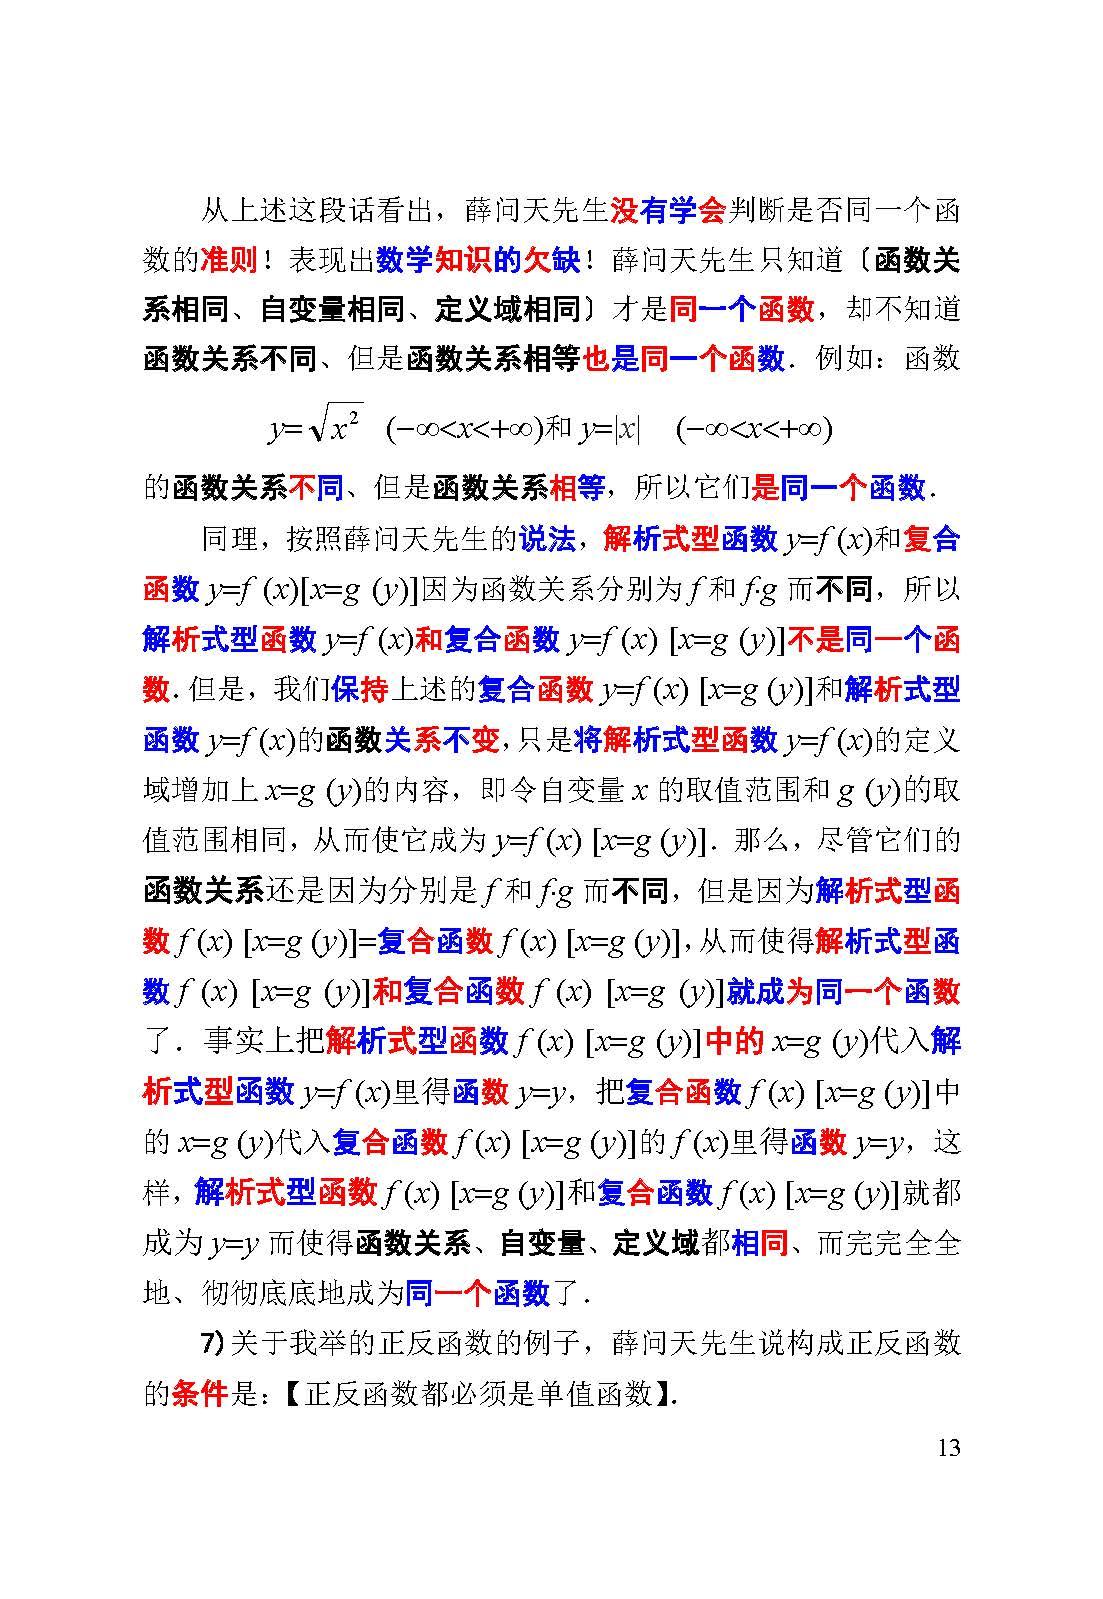 评薛问天先生的文章0408_页面_13.jpg